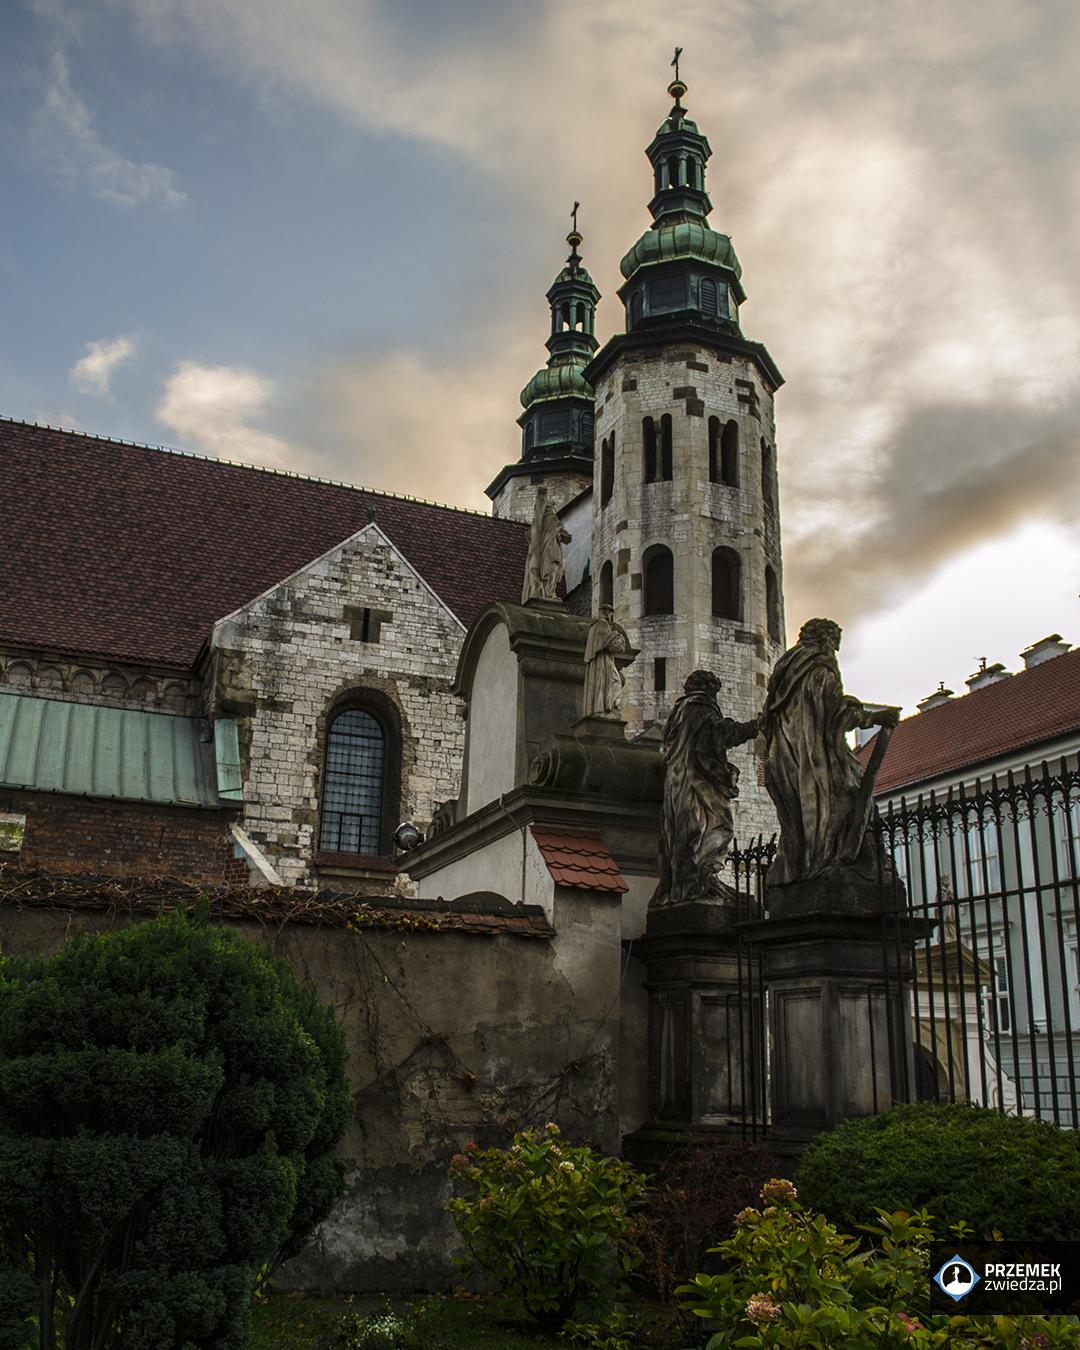 Kościół św. Andrzeja kraków